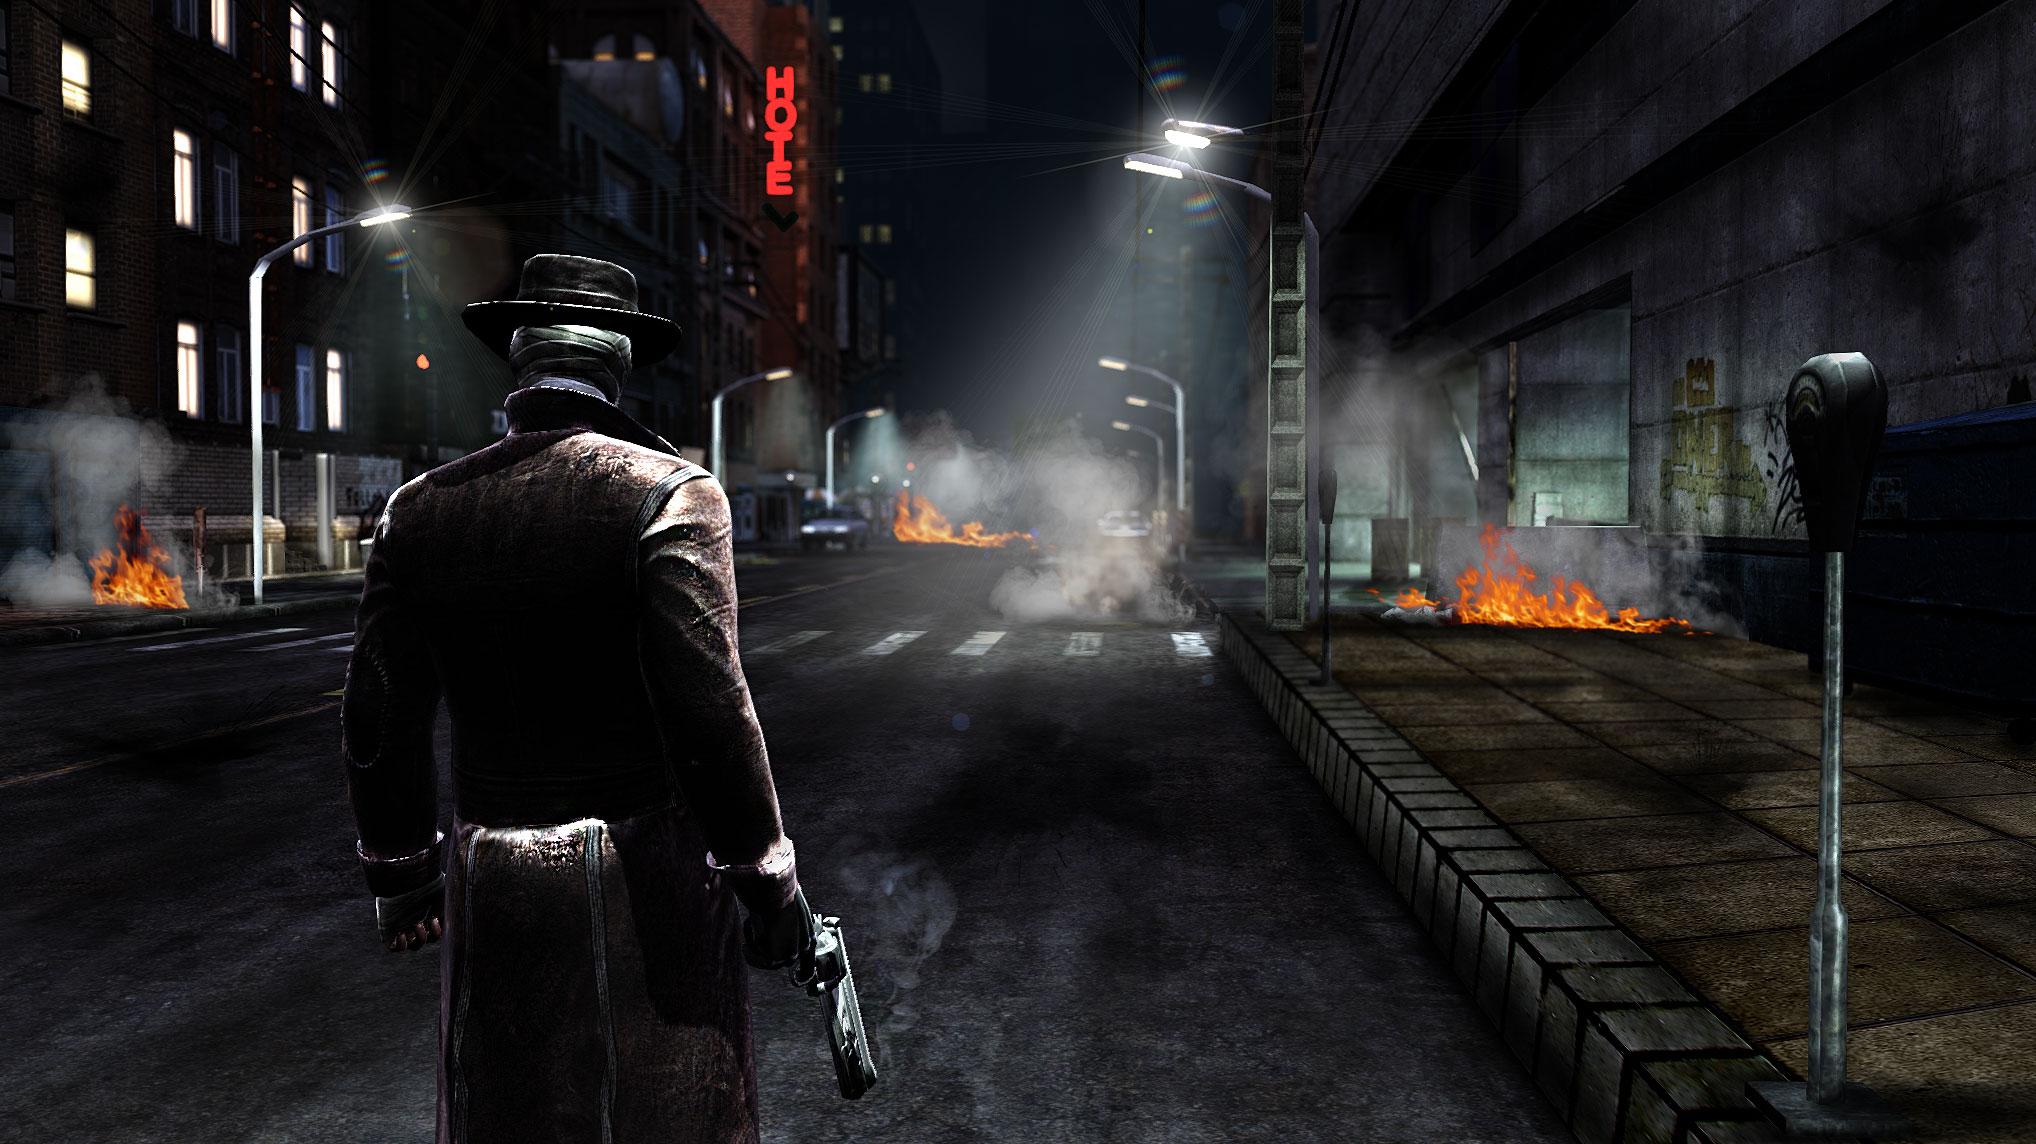 shabgard_gameplay_screenshot7